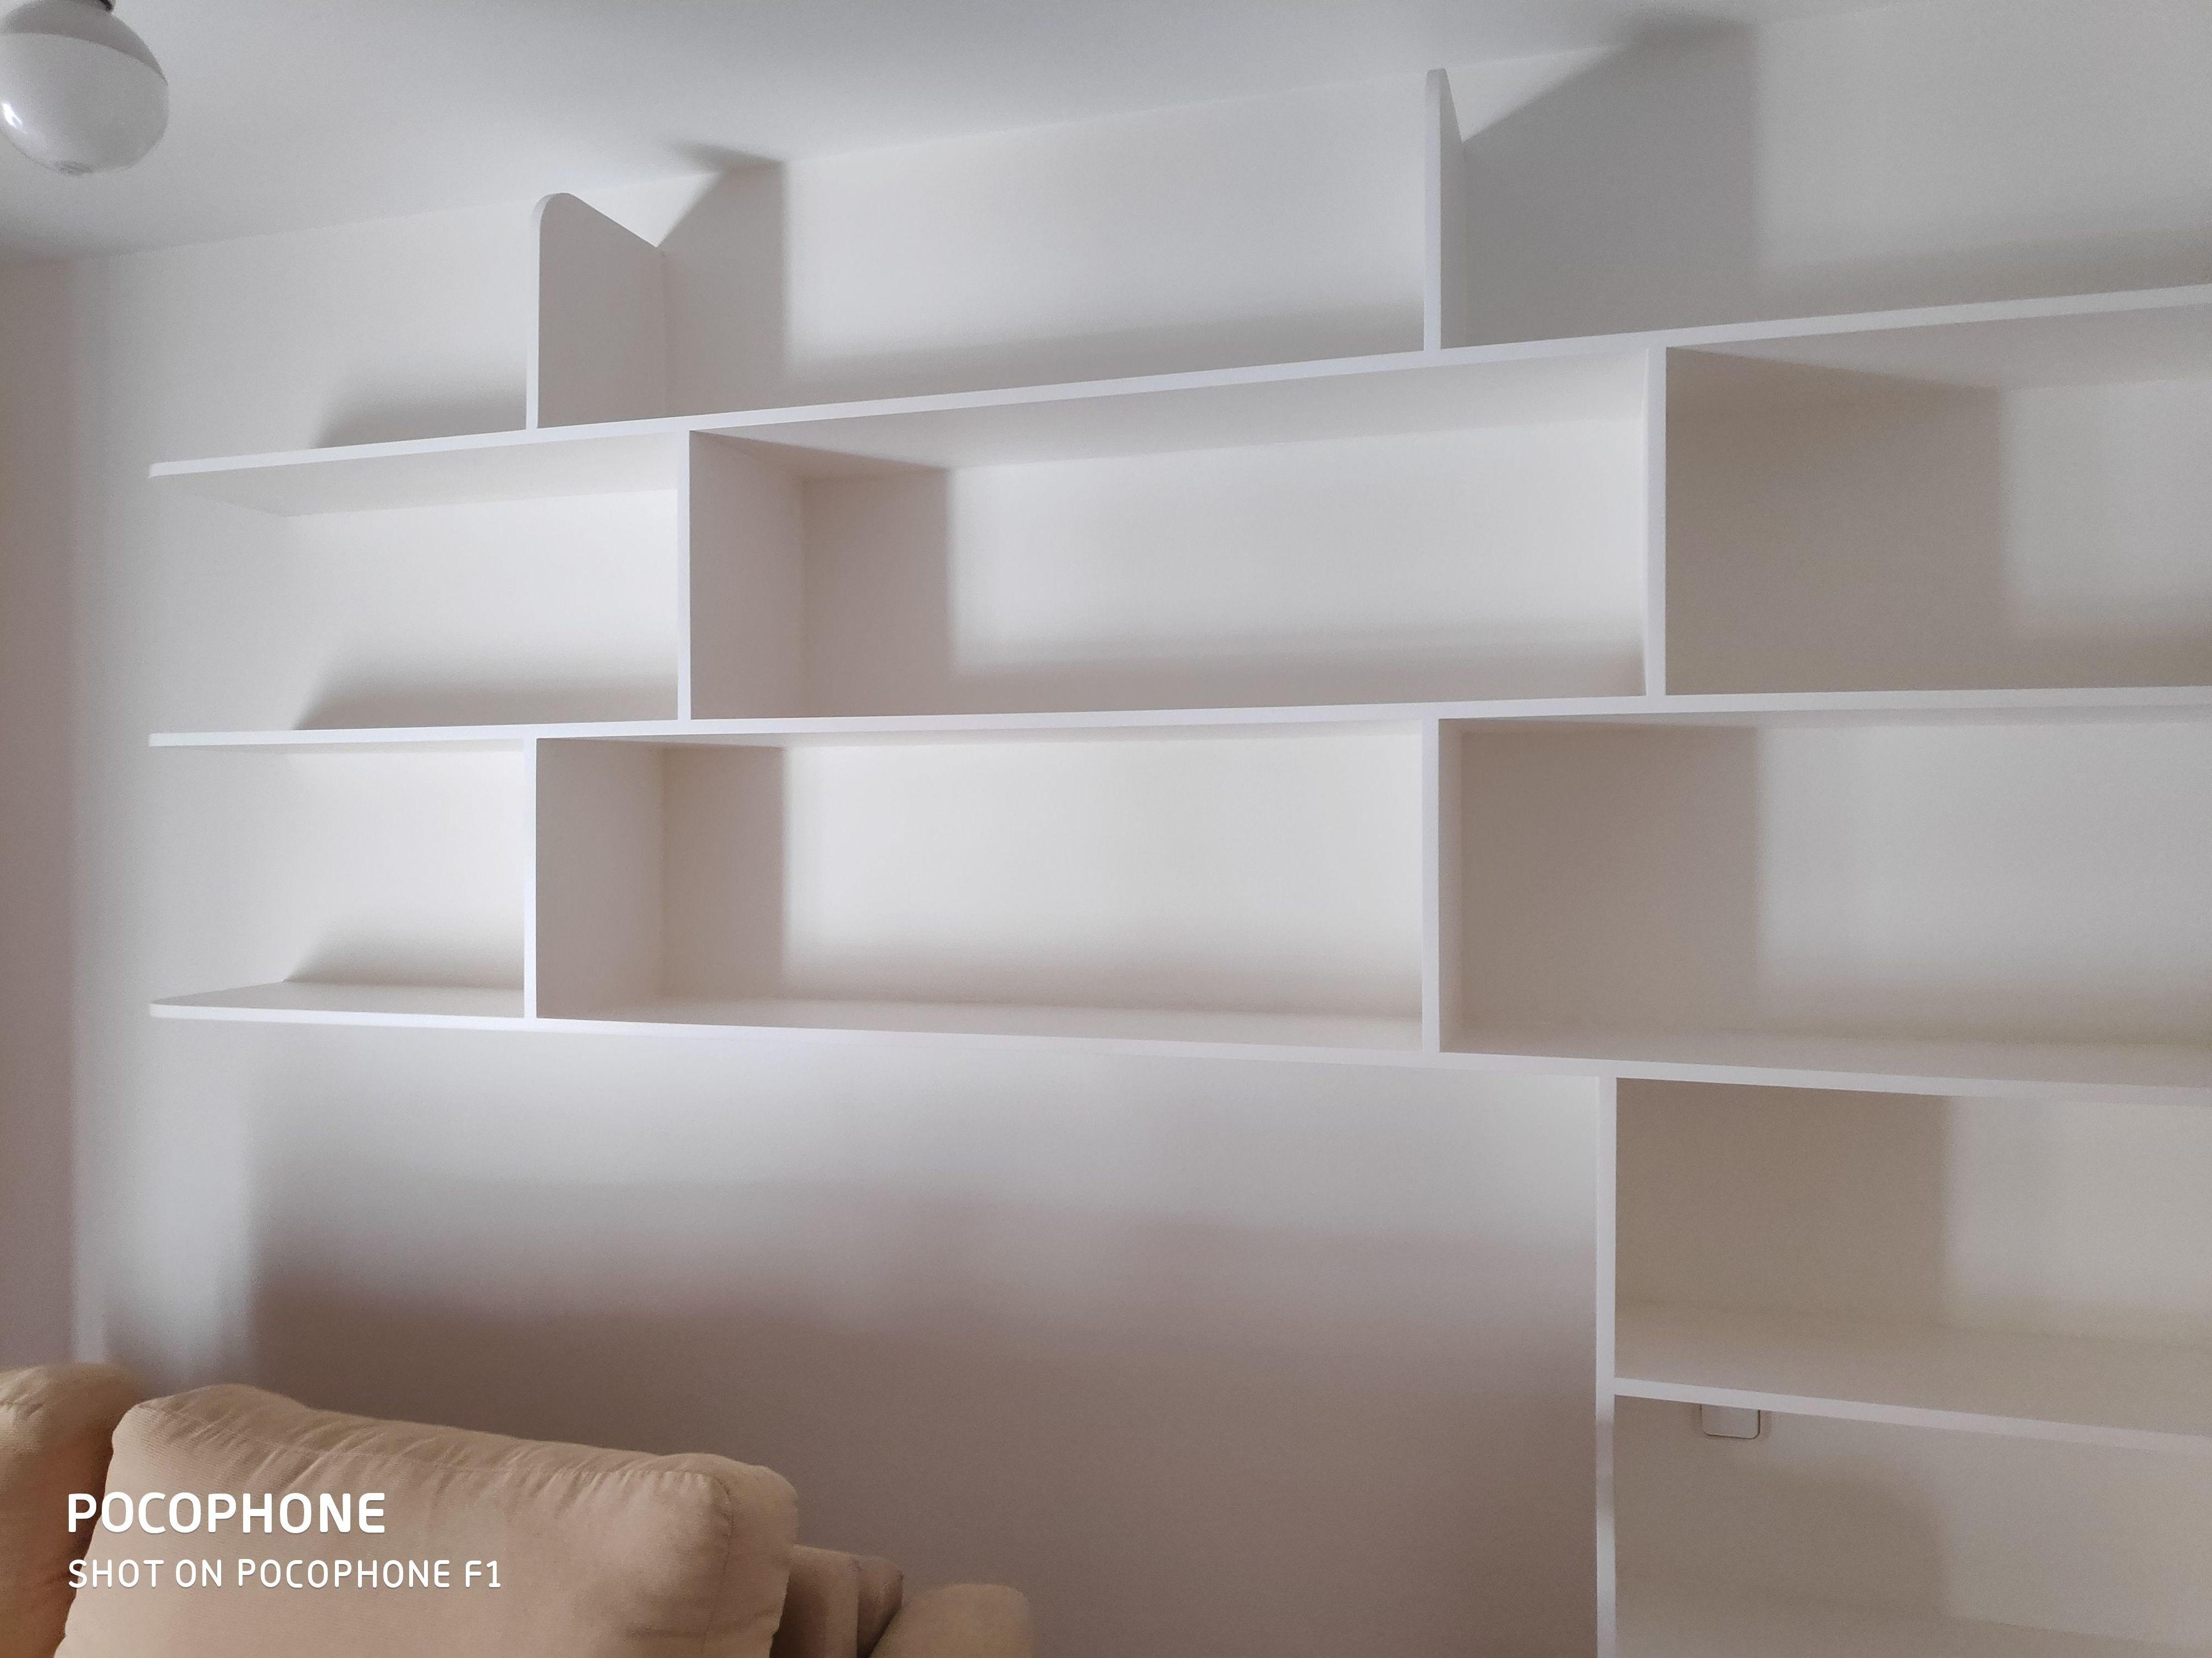 Pintura de paredes y lacado de estanteria